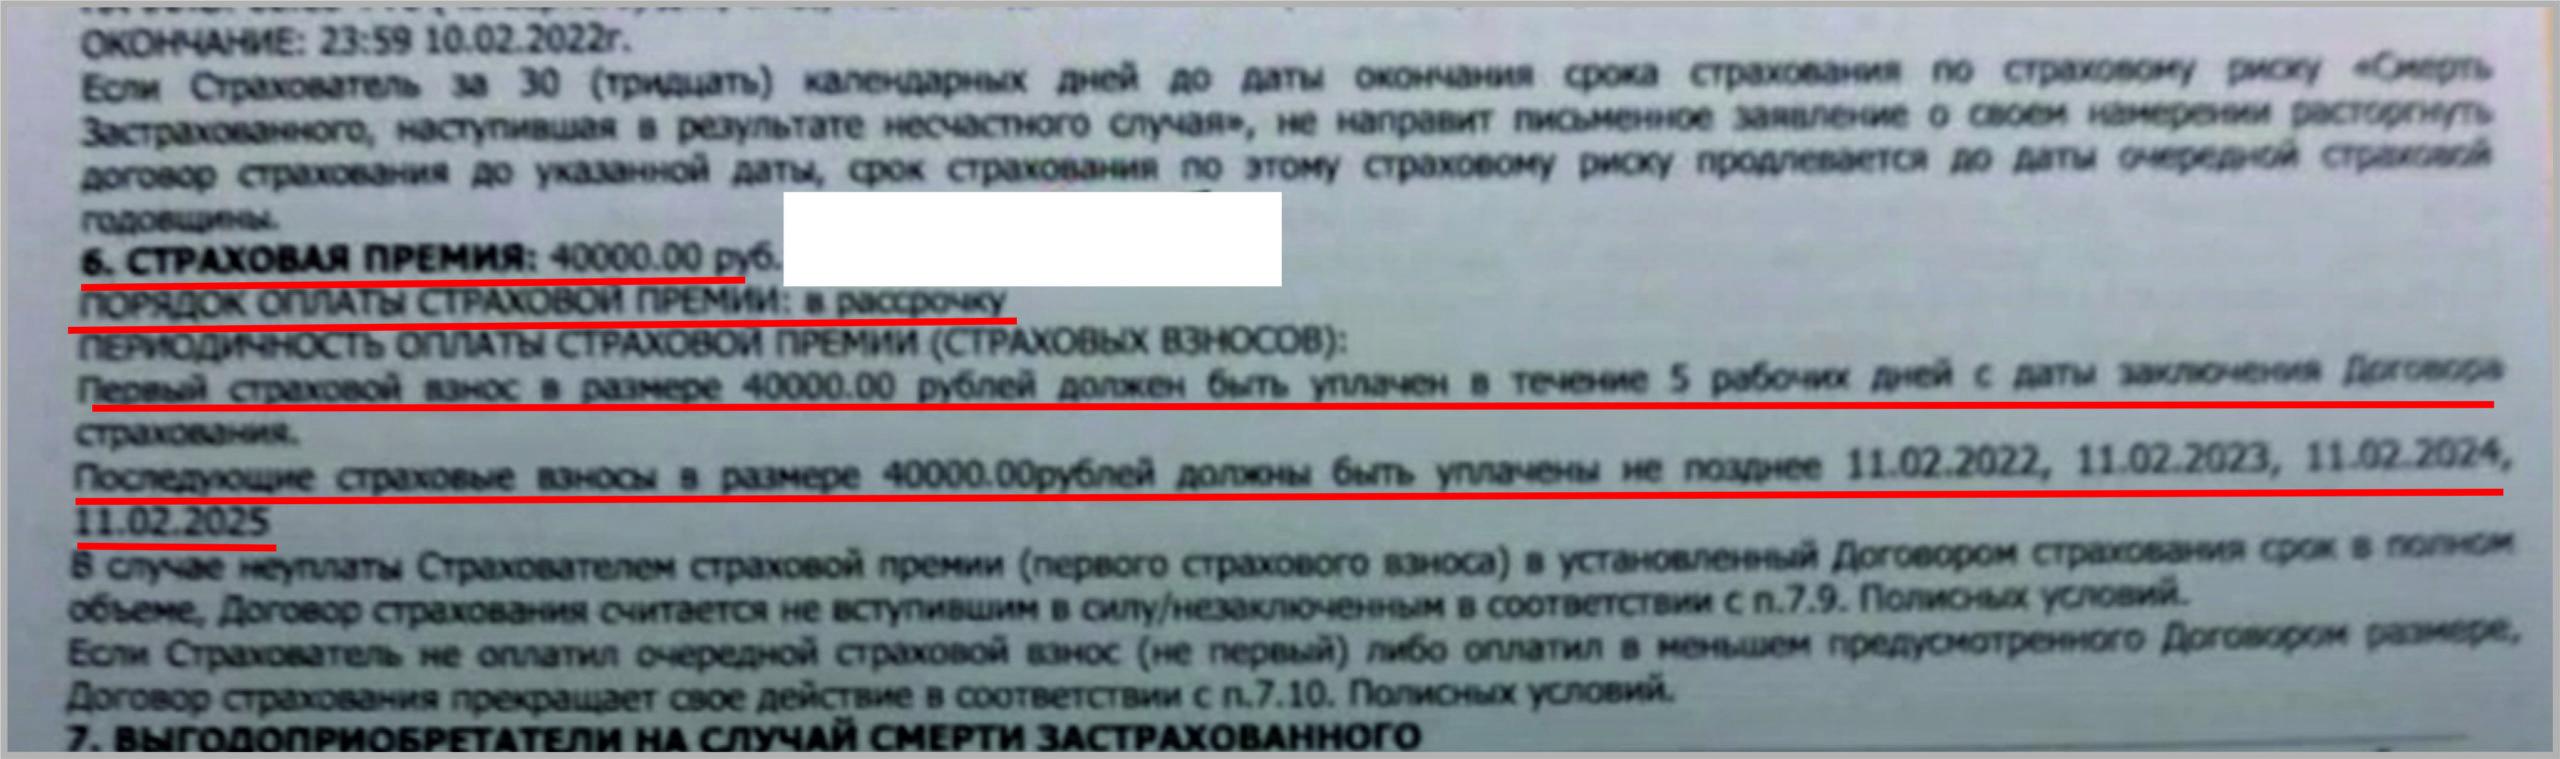 """Отказ от страховки Банка """"Восточный"""": пошаговая инструкция 2021 года, образец заполнения заявления"""